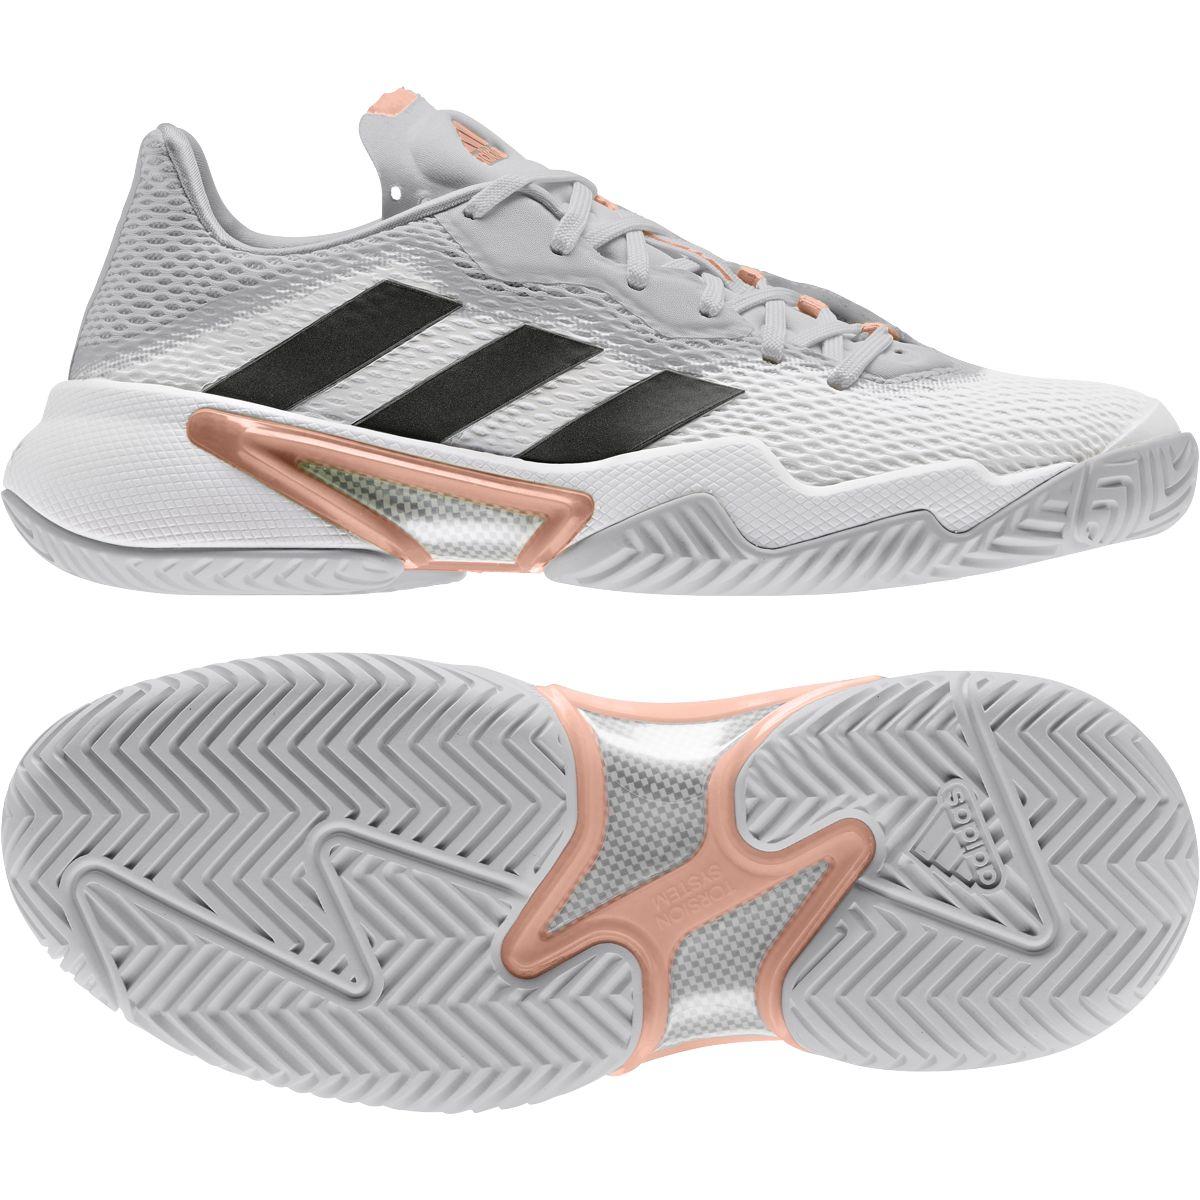 Le nuove Adidas Barricade bianche e grigie con inserti rosa e neri